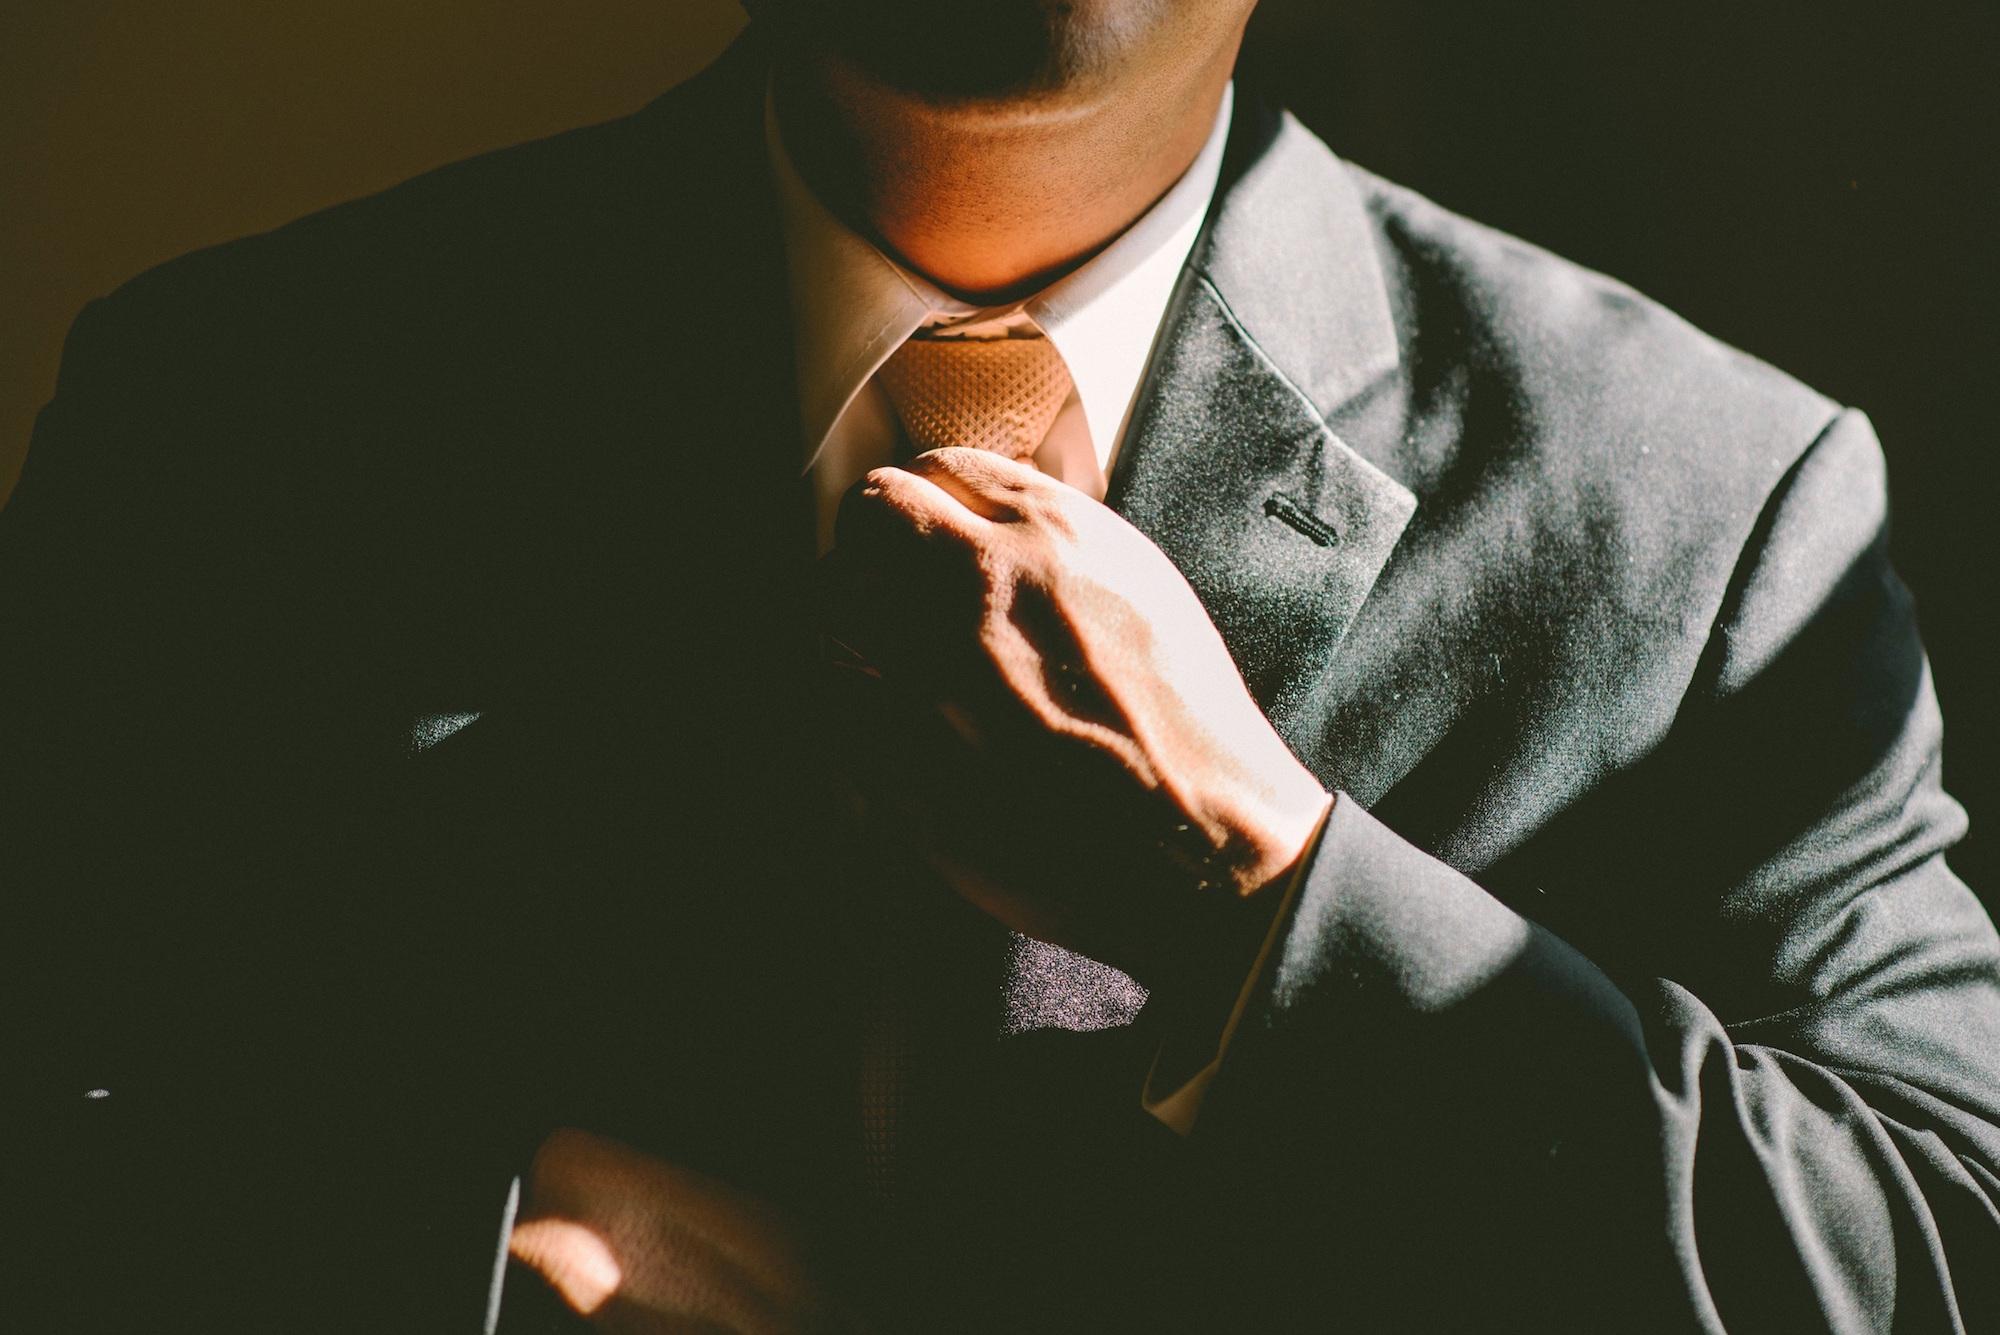 Man in suit straightening neck tie